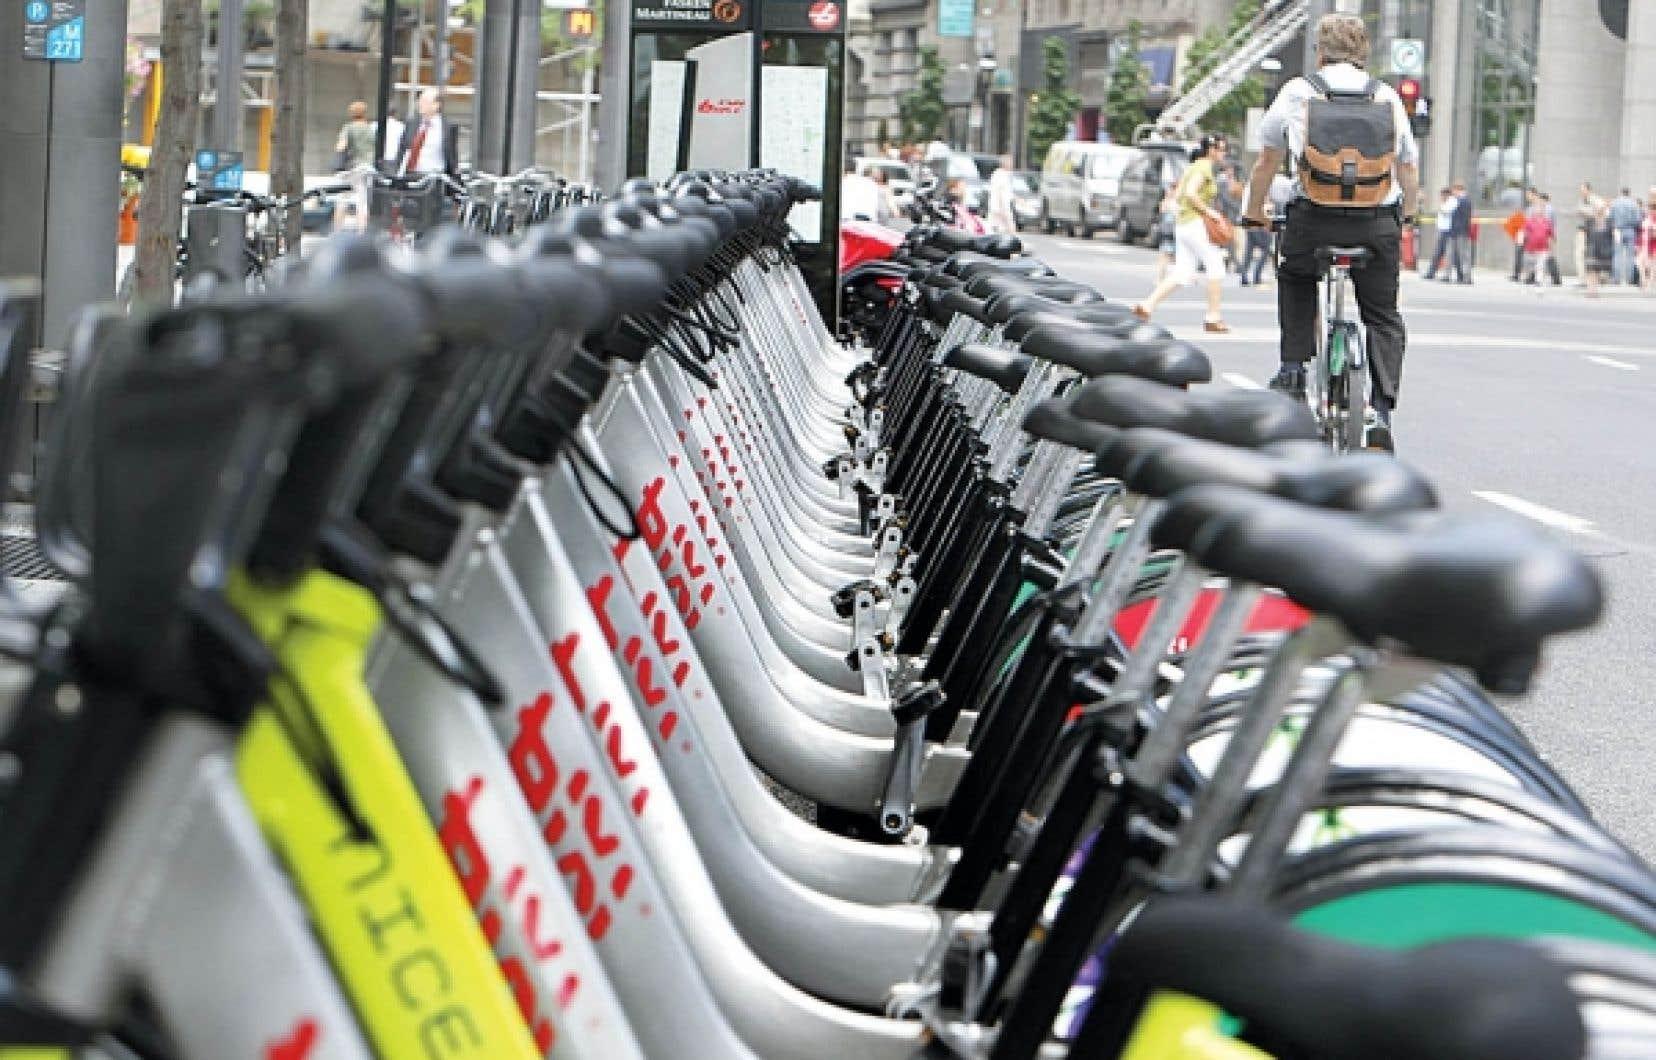 8D Technologies, qui poursuit le gestionnaire de Bixi, la Société de vélo en libre-service, a mis au point les bornes de paiement, les cartes électroniques ainsi que les logiciels permettant la gestion à distance et le paiement sans fil en temps réel du système de vélo en libre-service montréalais.